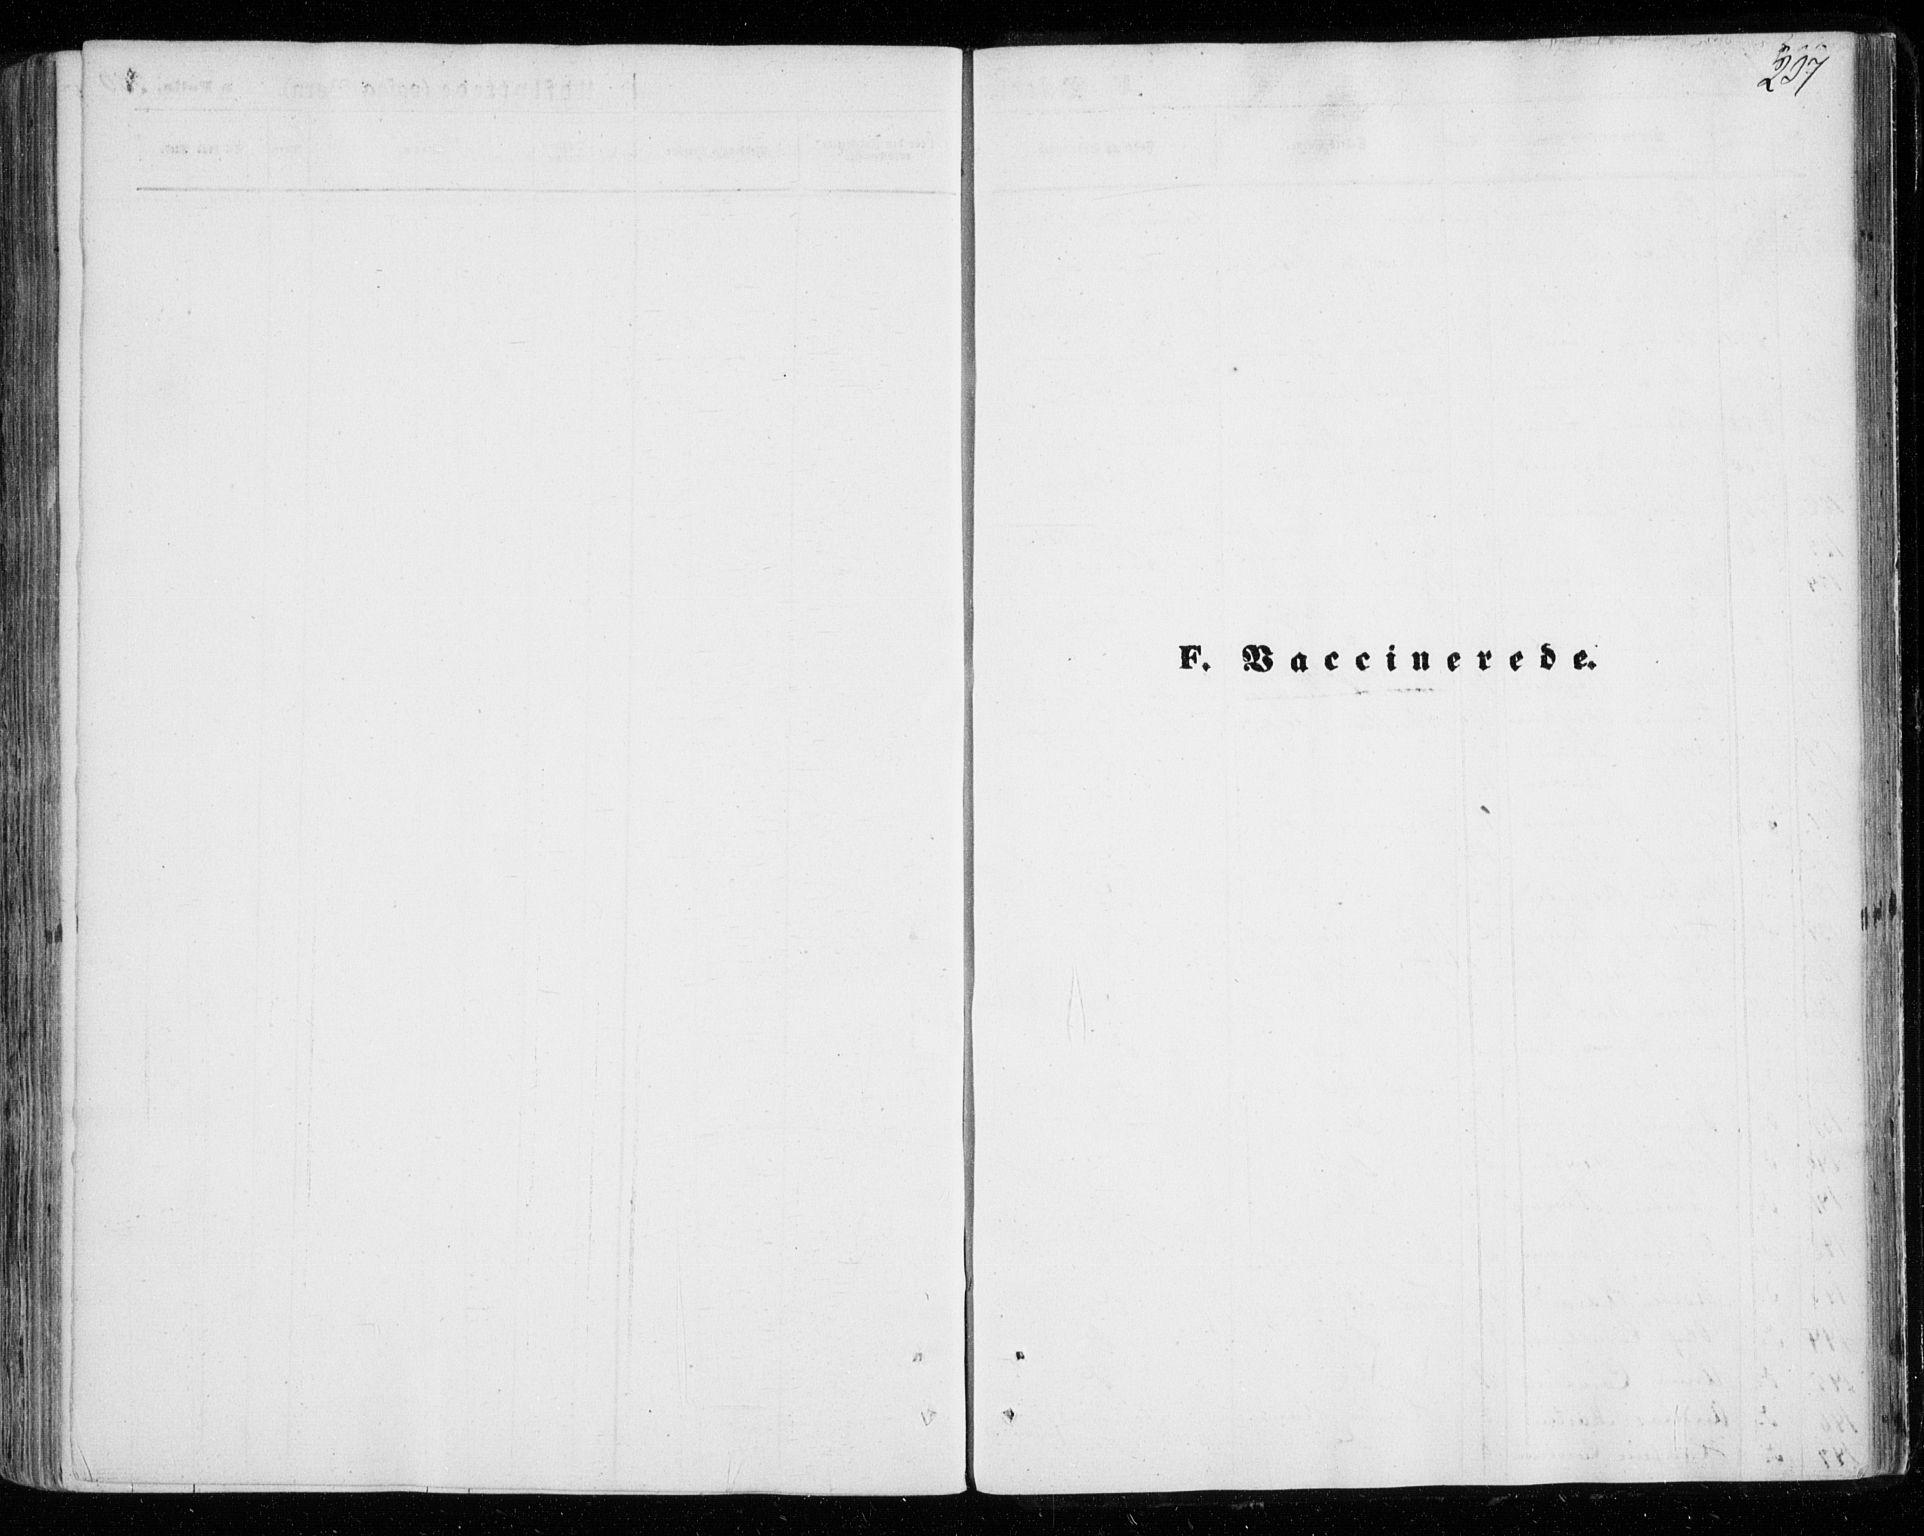 SATØ, Tromsøysund sokneprestkontor, G/Ga/L0002kirke: Ministerialbok nr. 2, 1867-1875, s. 237